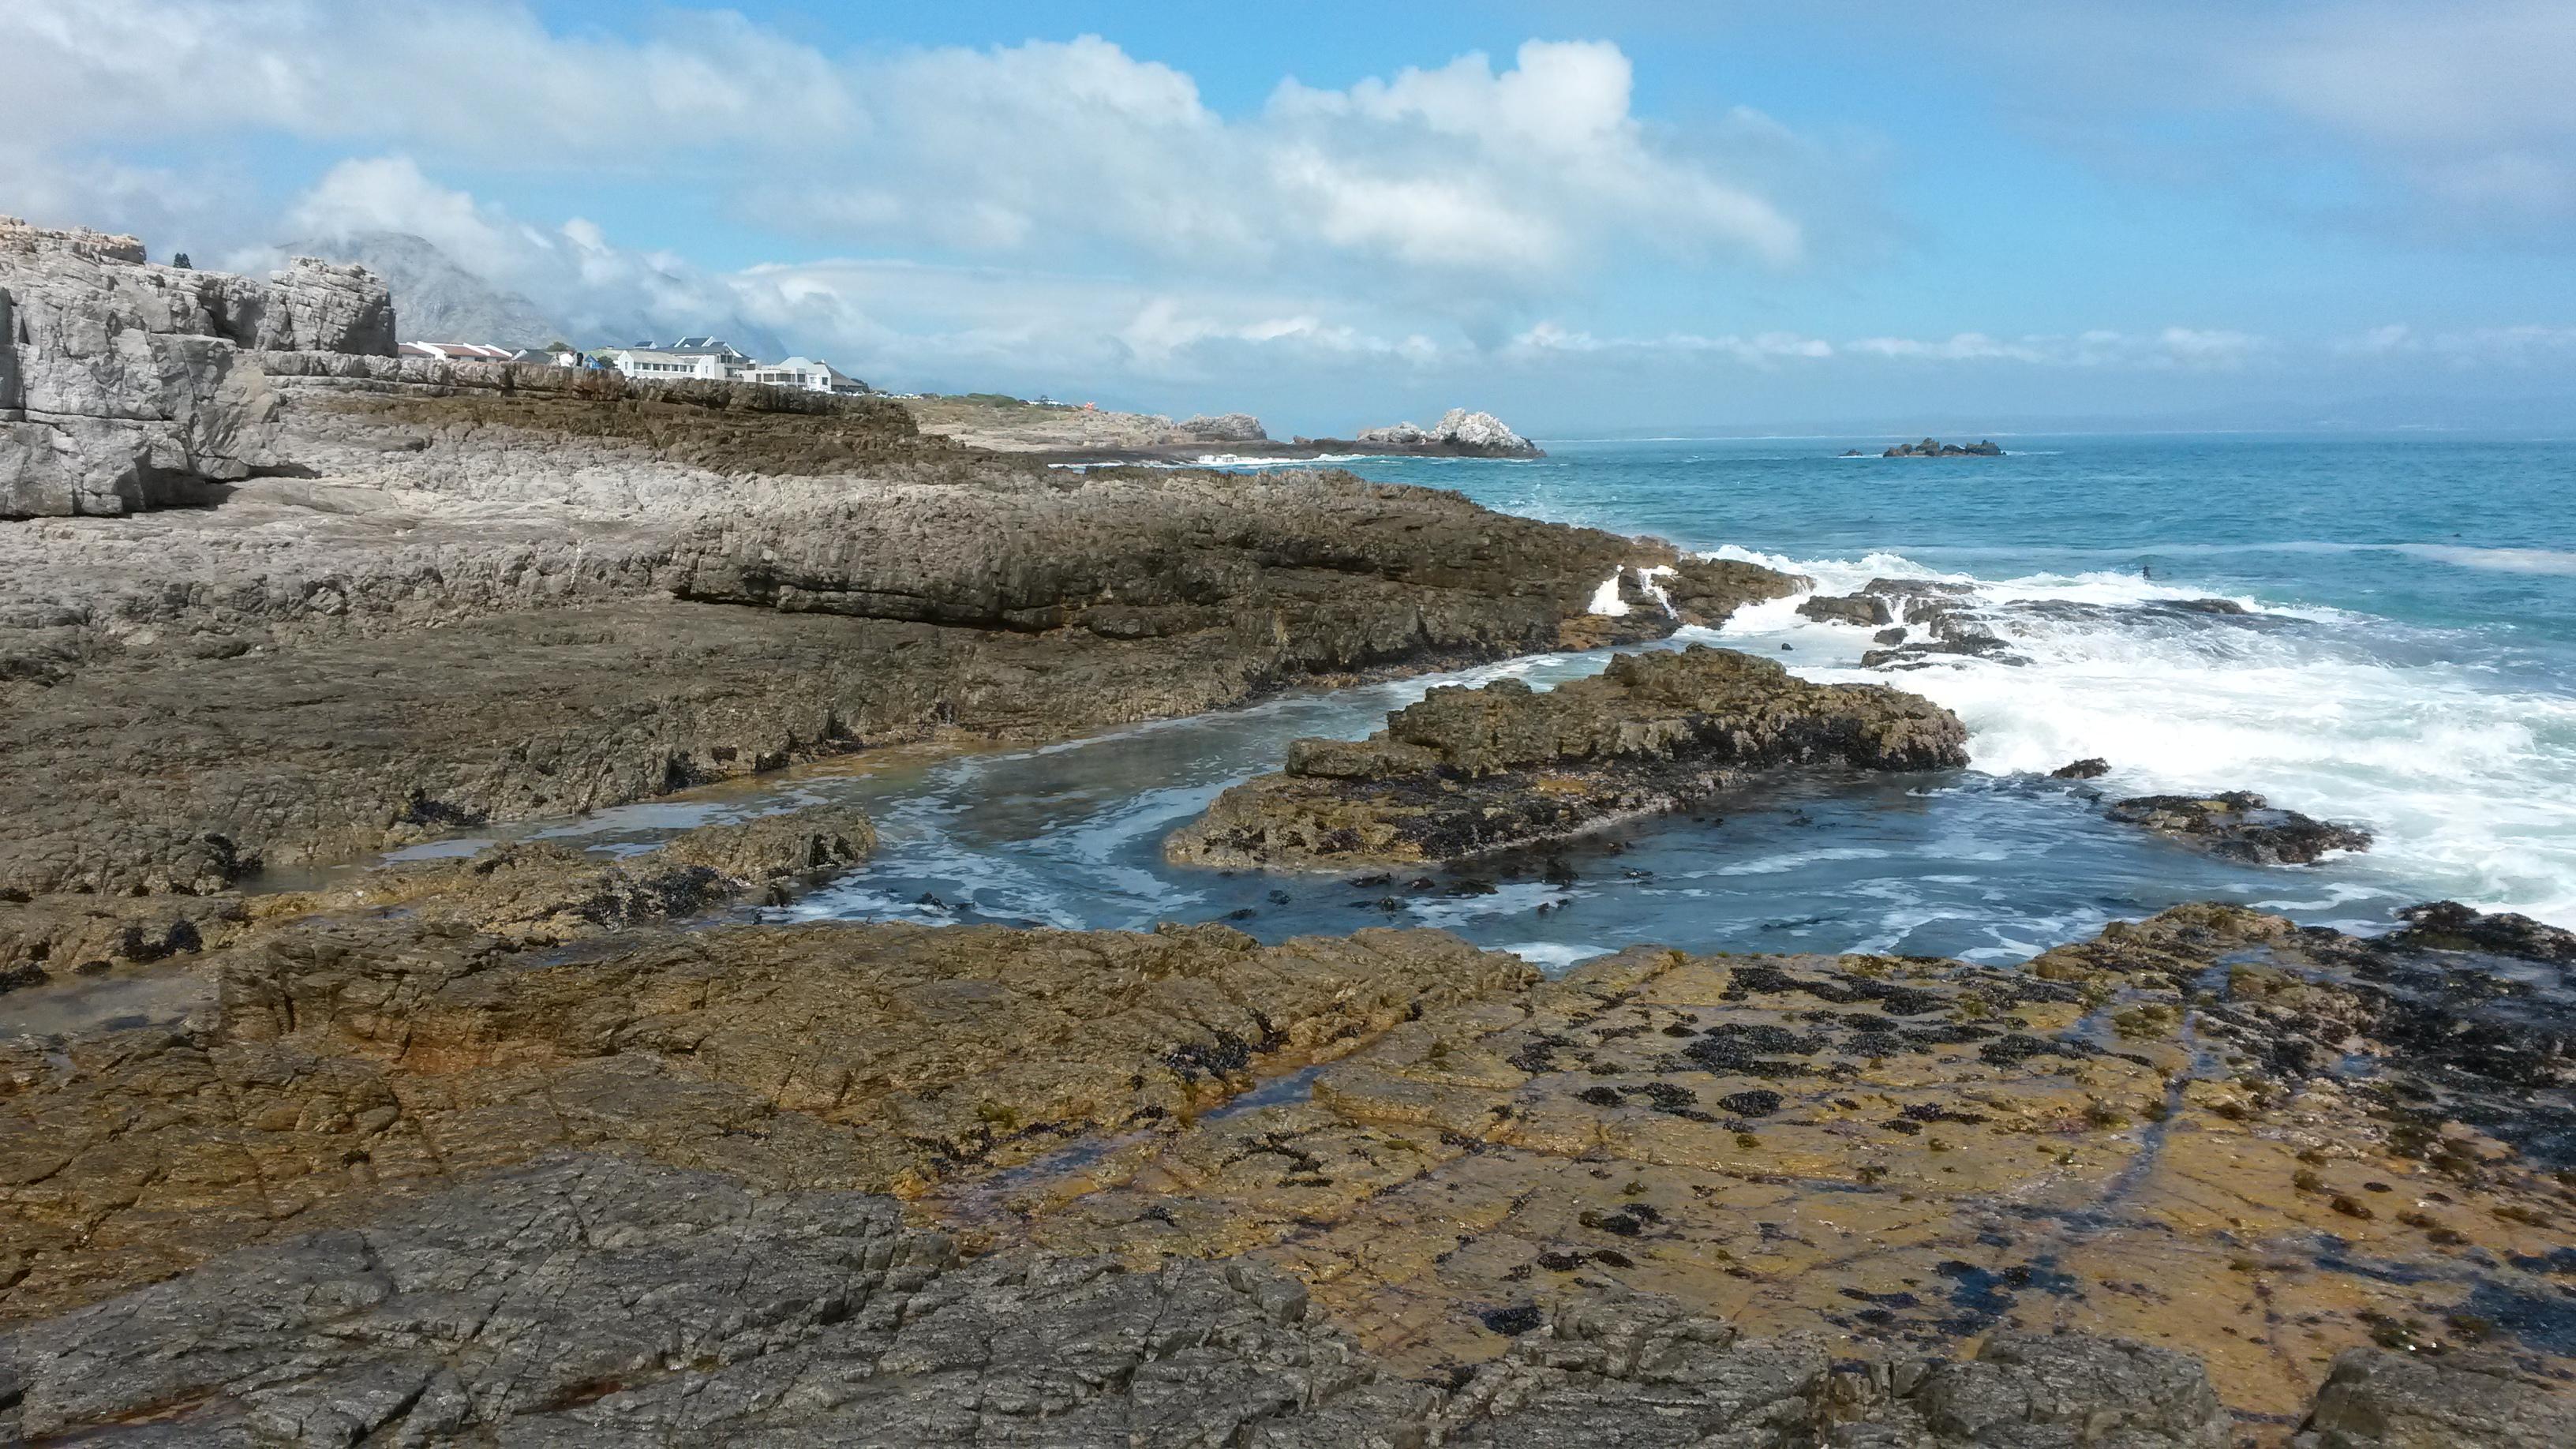 Brilliant views from the rocks in Hermanus of walker Bay